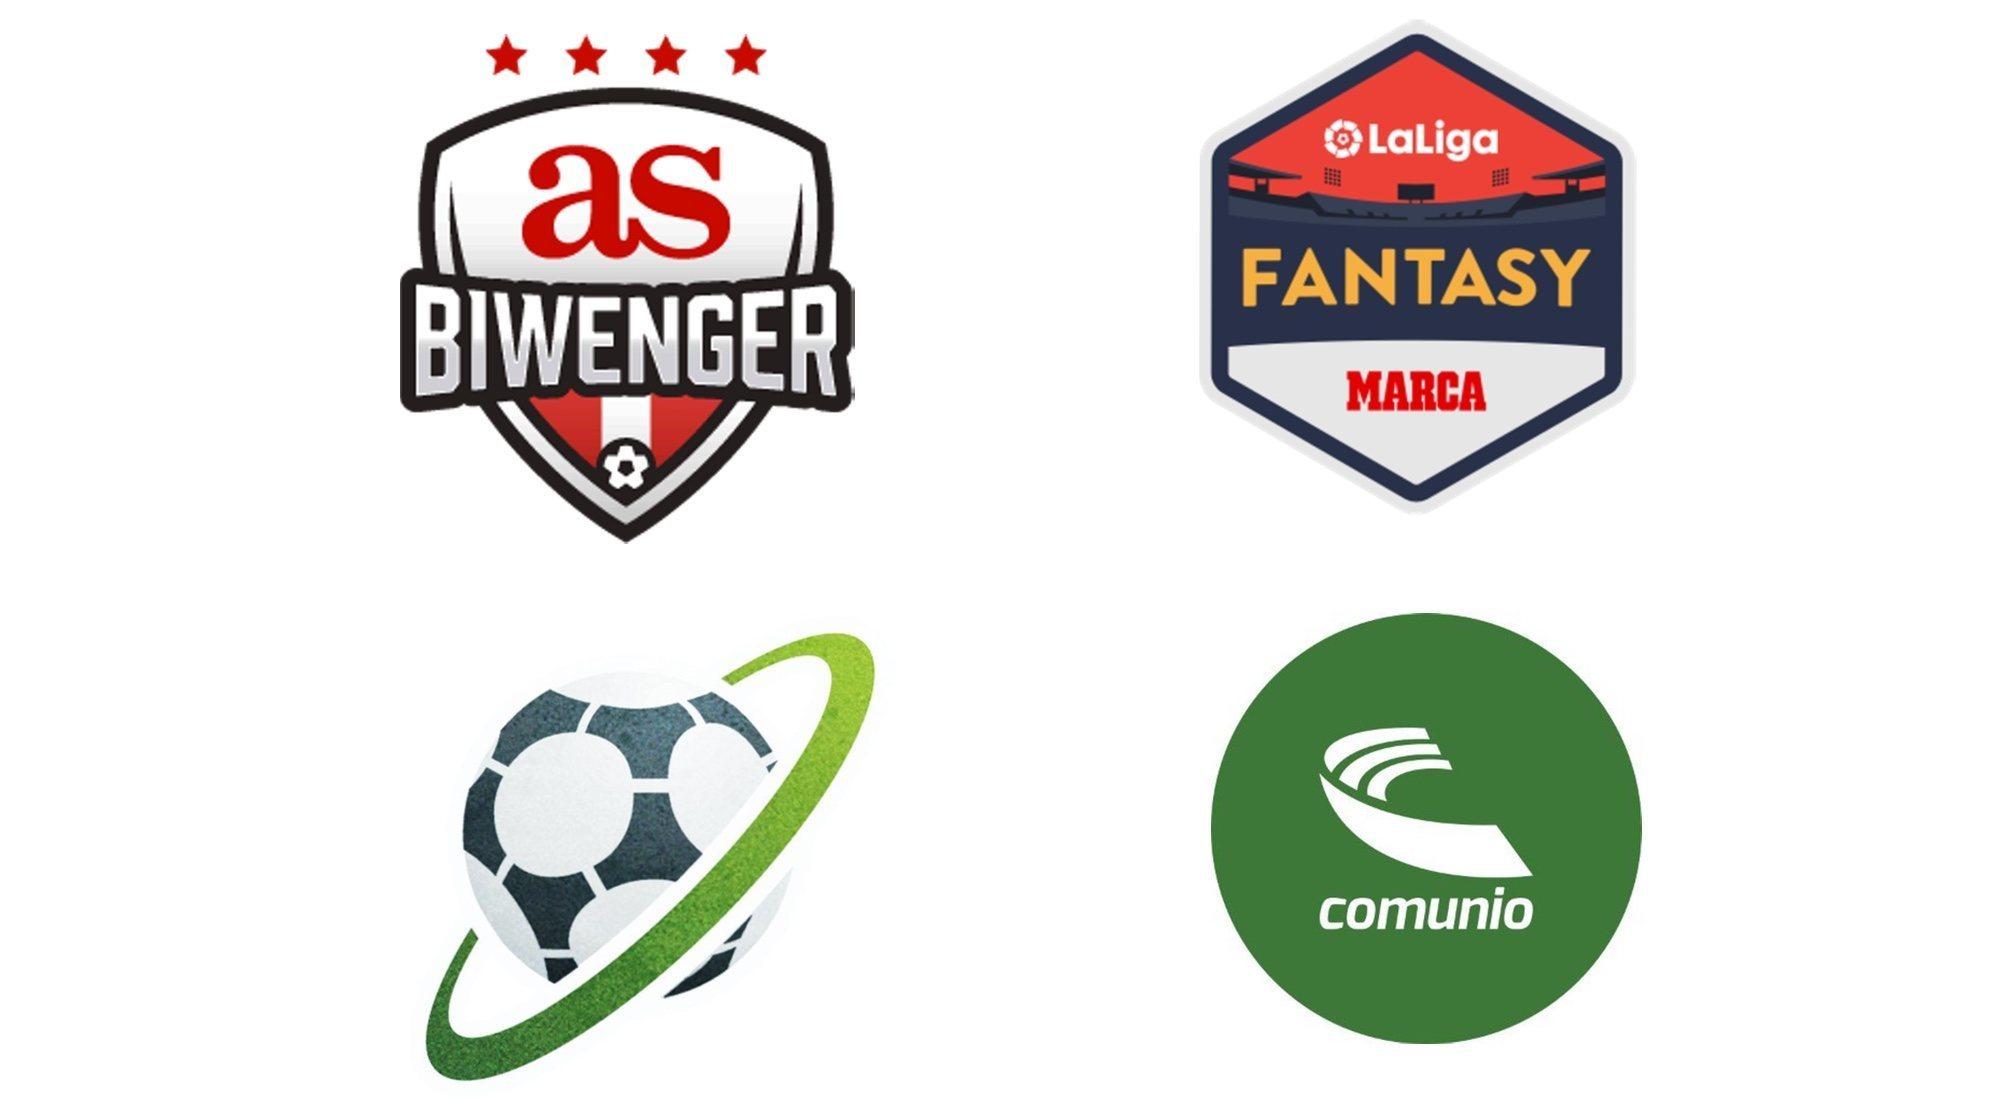 Las novedades de Biwenger, Comunio, Futmondo y LaLiga Fantasy para esta temporada